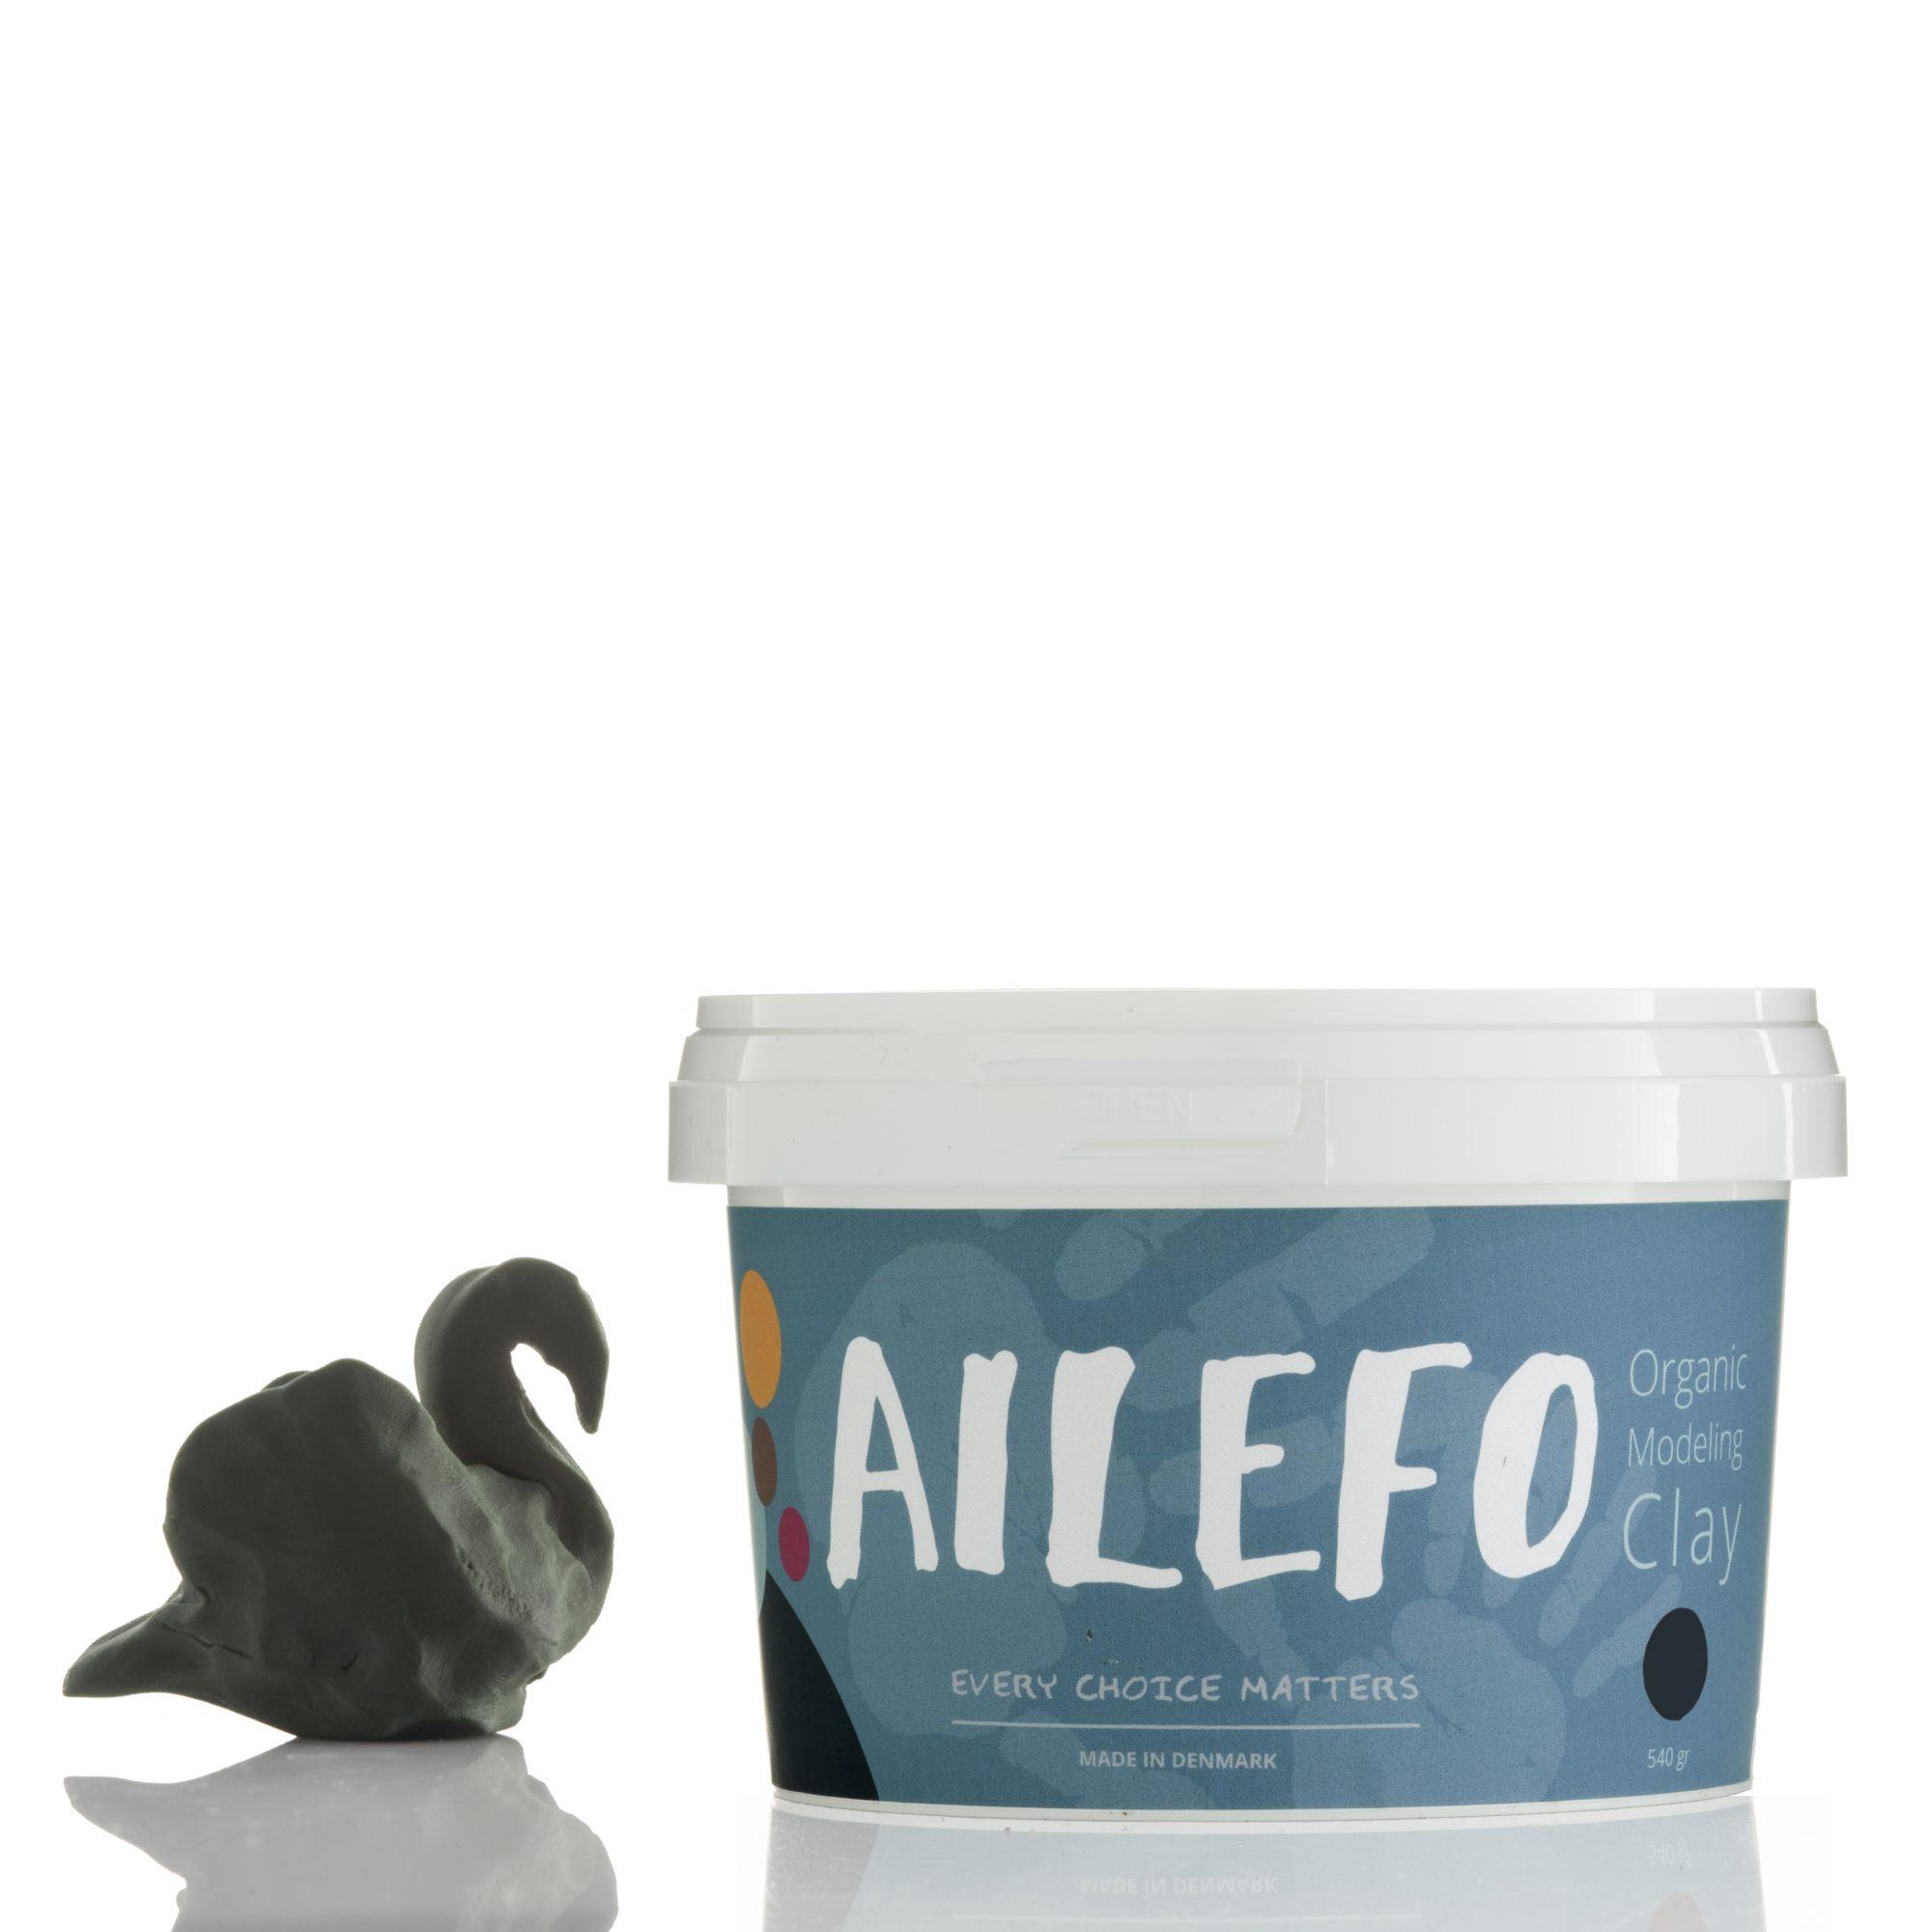 Ailefo Økologisk Modellervoks, grøn